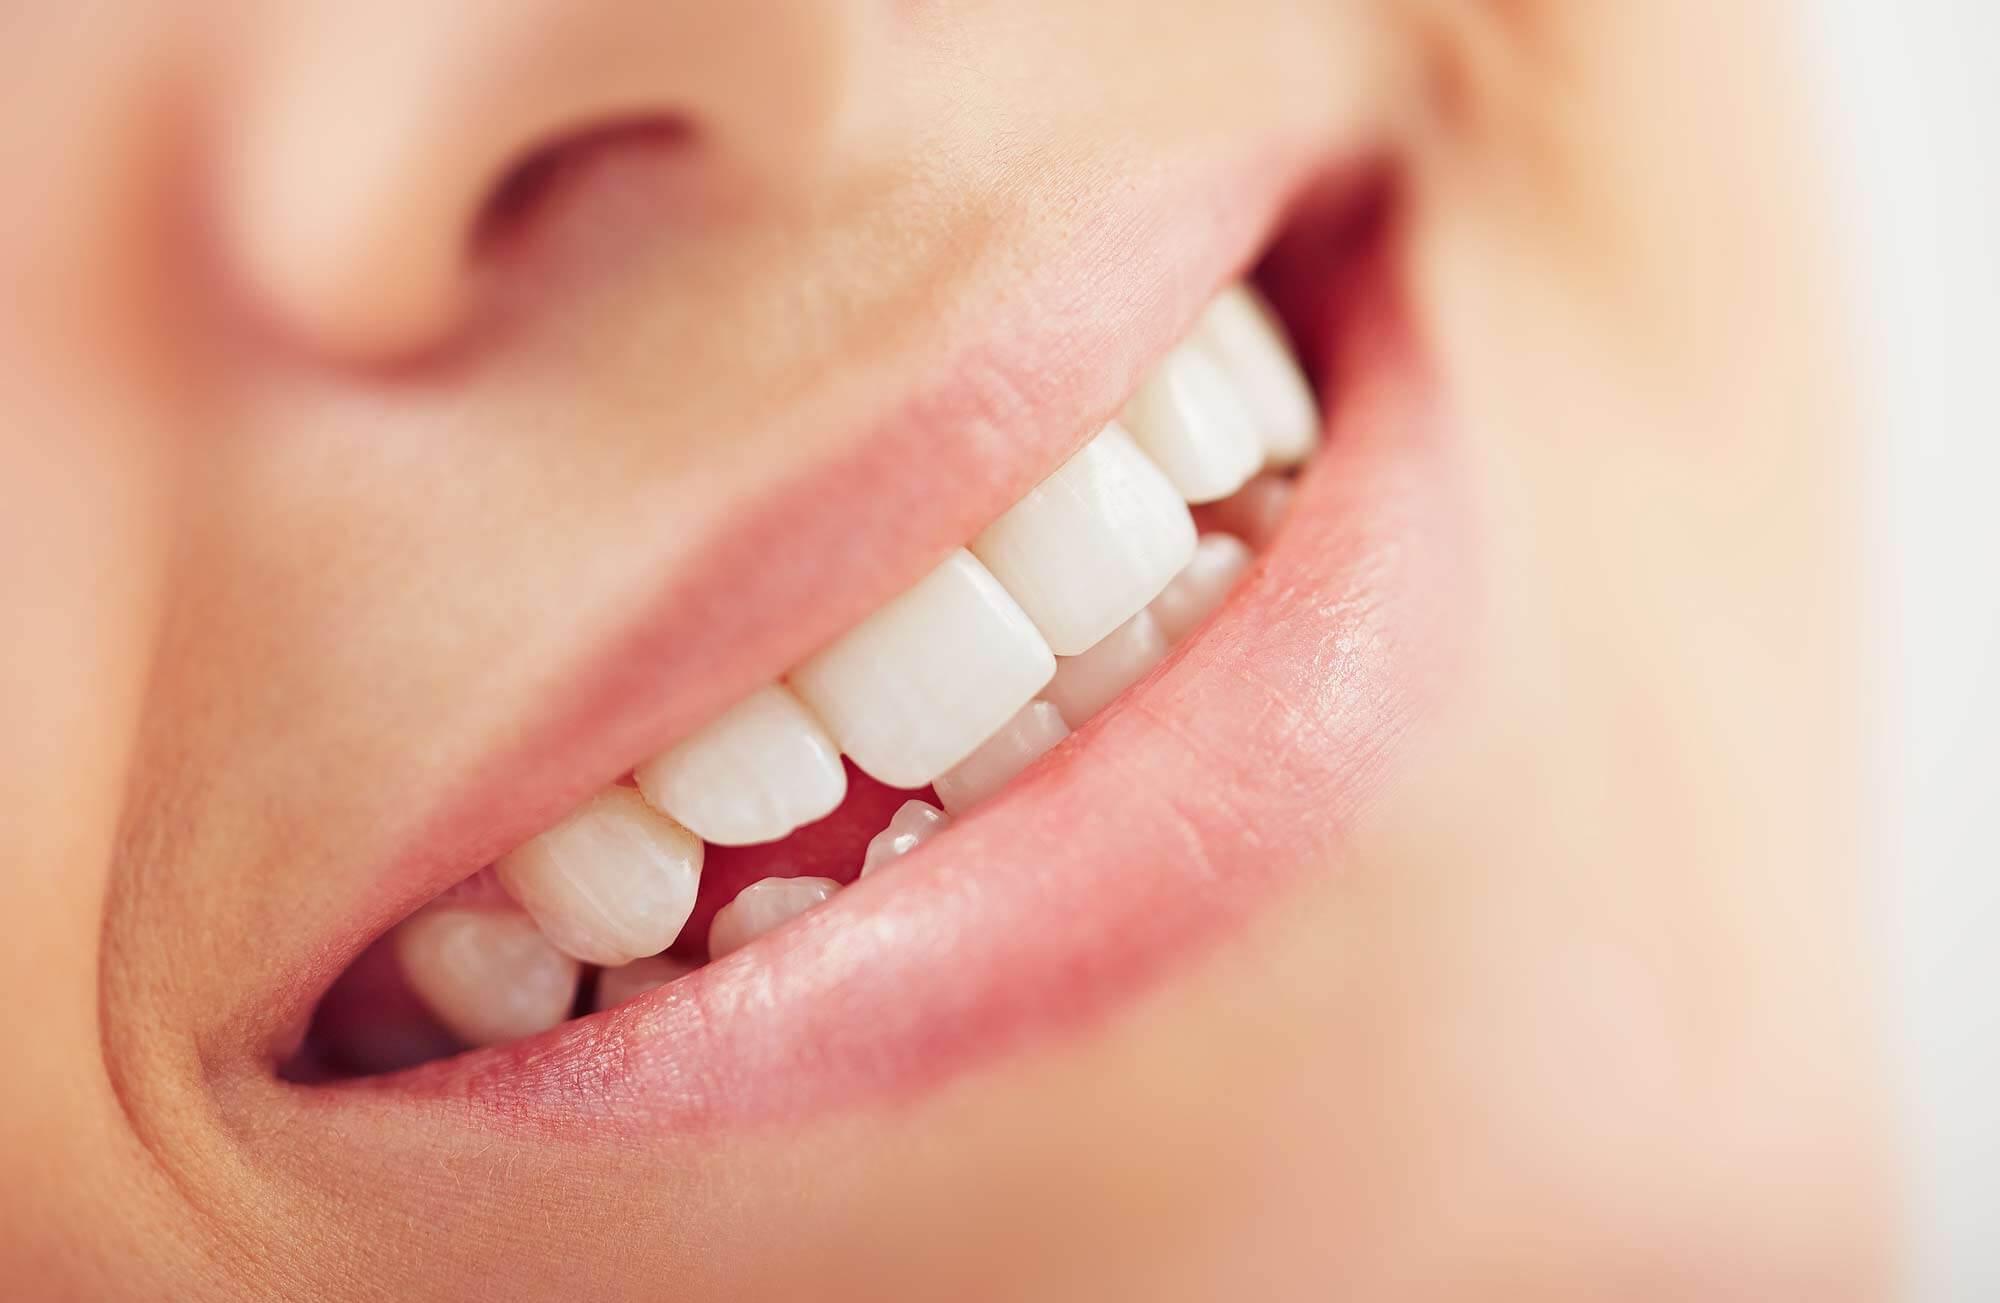 Morgan Street Dental Centre Porcelain Dental Veneers - Great Looking Perfect White Teeth Smiling Woman